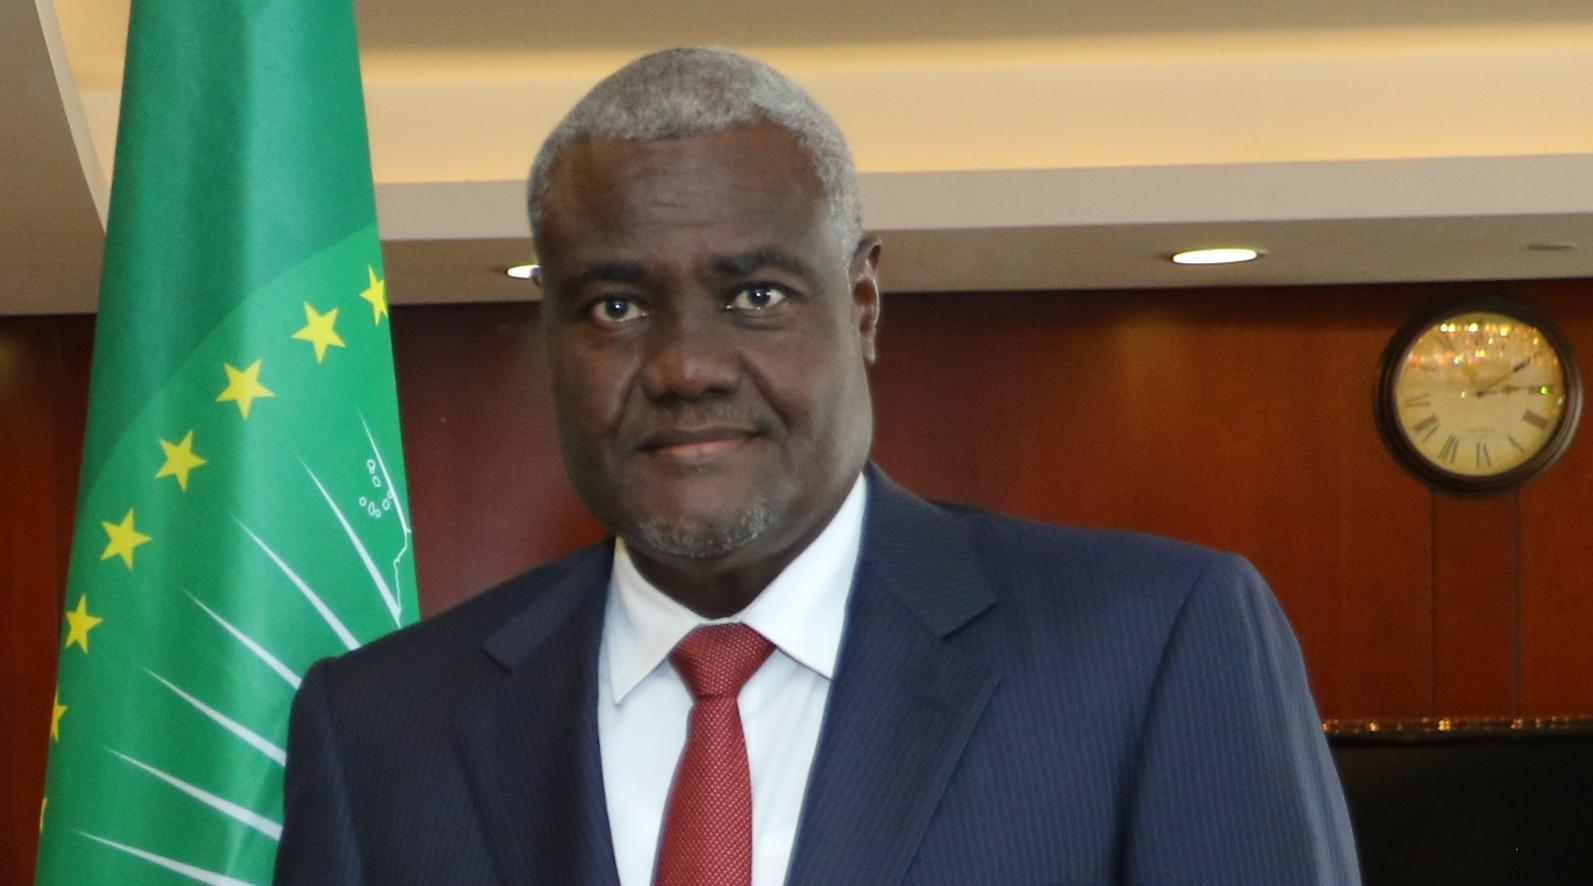 إعادة انتخاب موسى فقي رئيسا لمفوضية الاتحاد الإفريقي لولاية ثانية